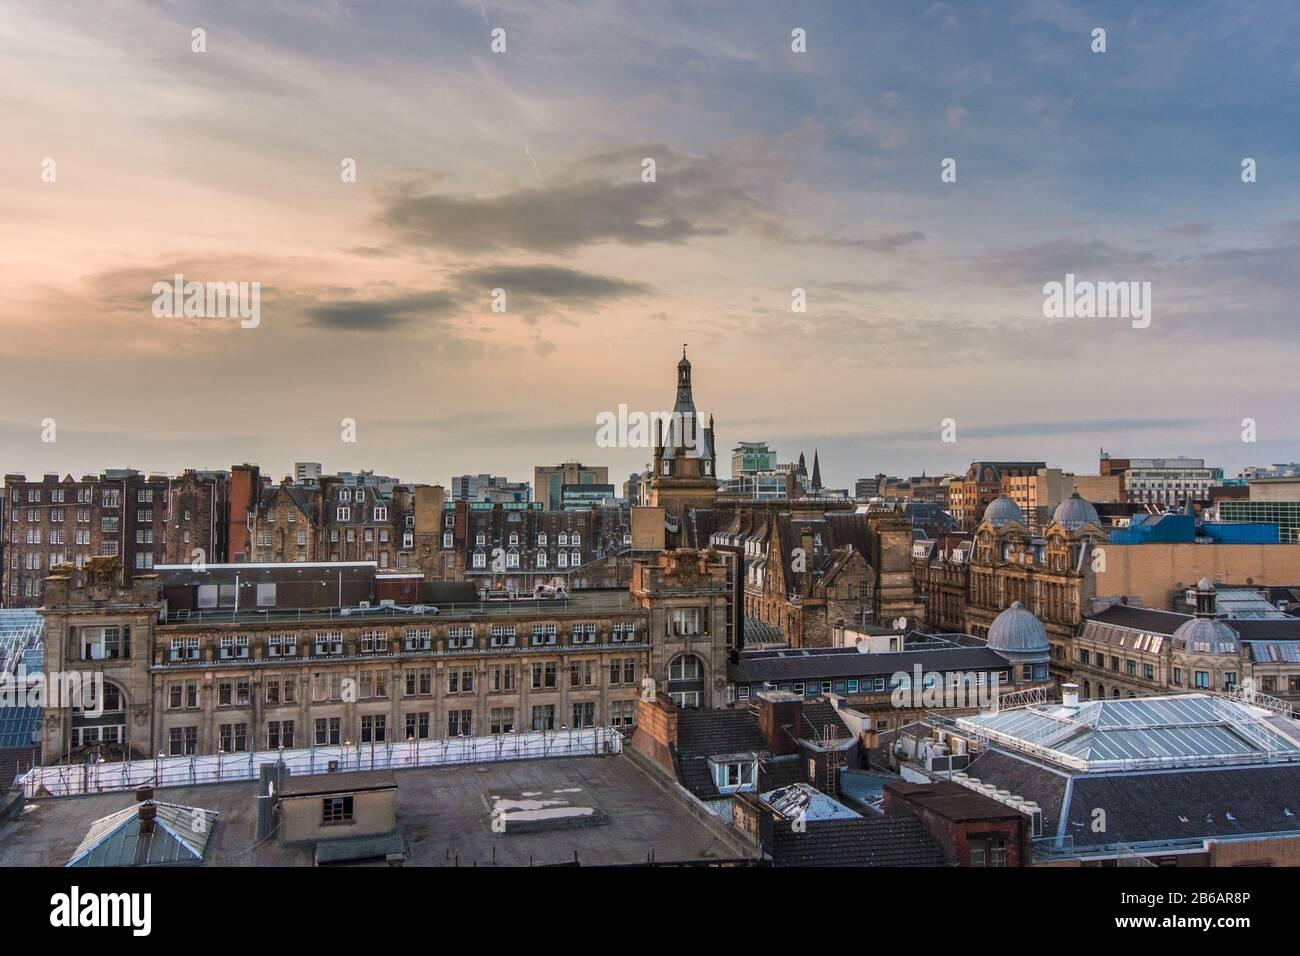 Une vue sur le toit donnant sur les bâtiments et l'architecture du centre-ville de Glasgow au coucher du soleil, en Écosse Banque D'Images